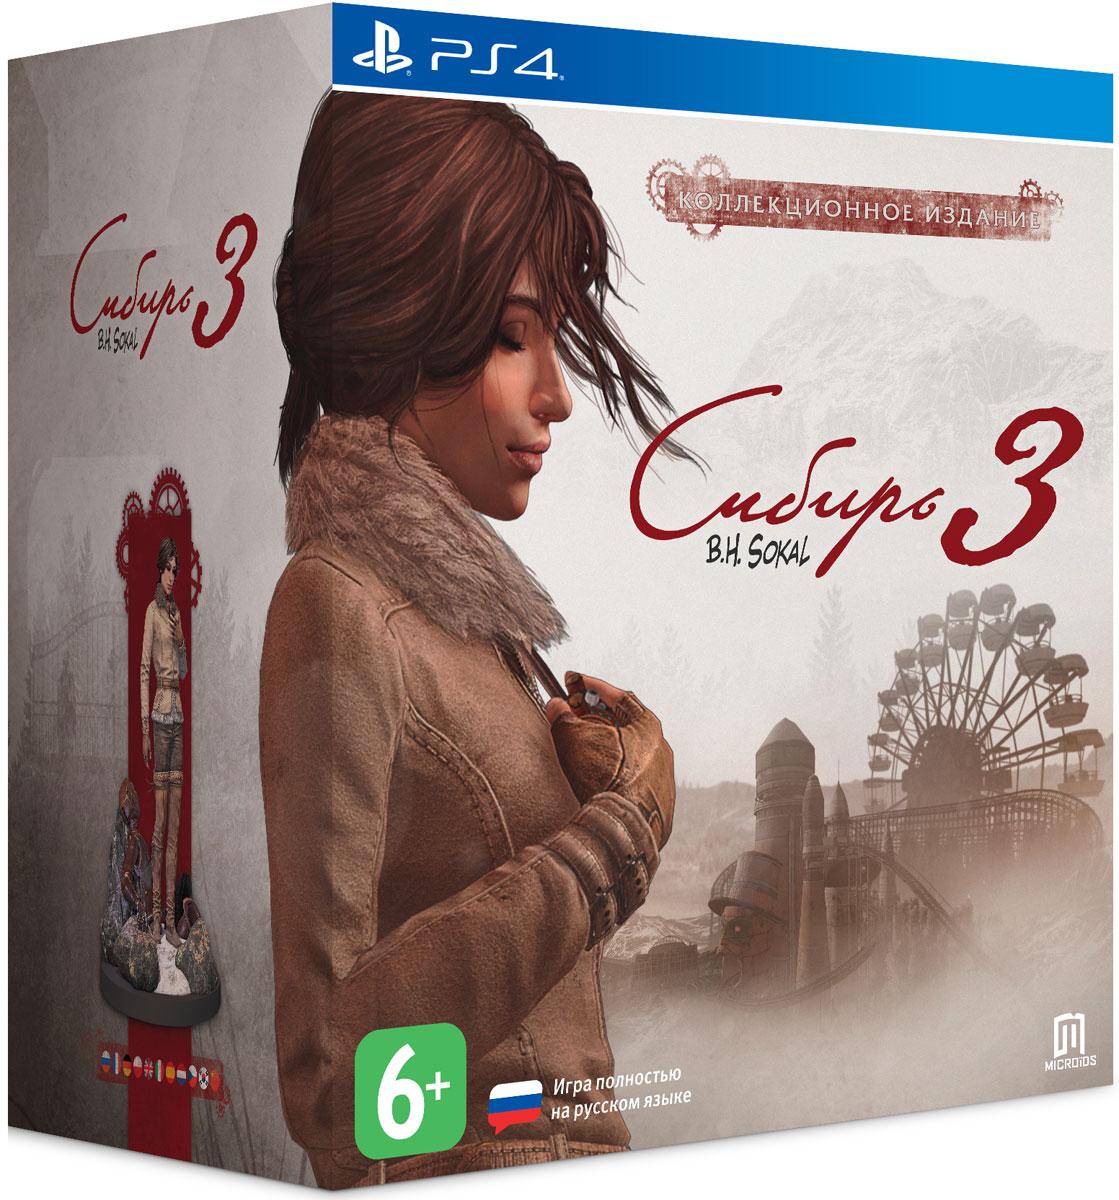 Сибирь 3. Коллекционное издание (PS4)